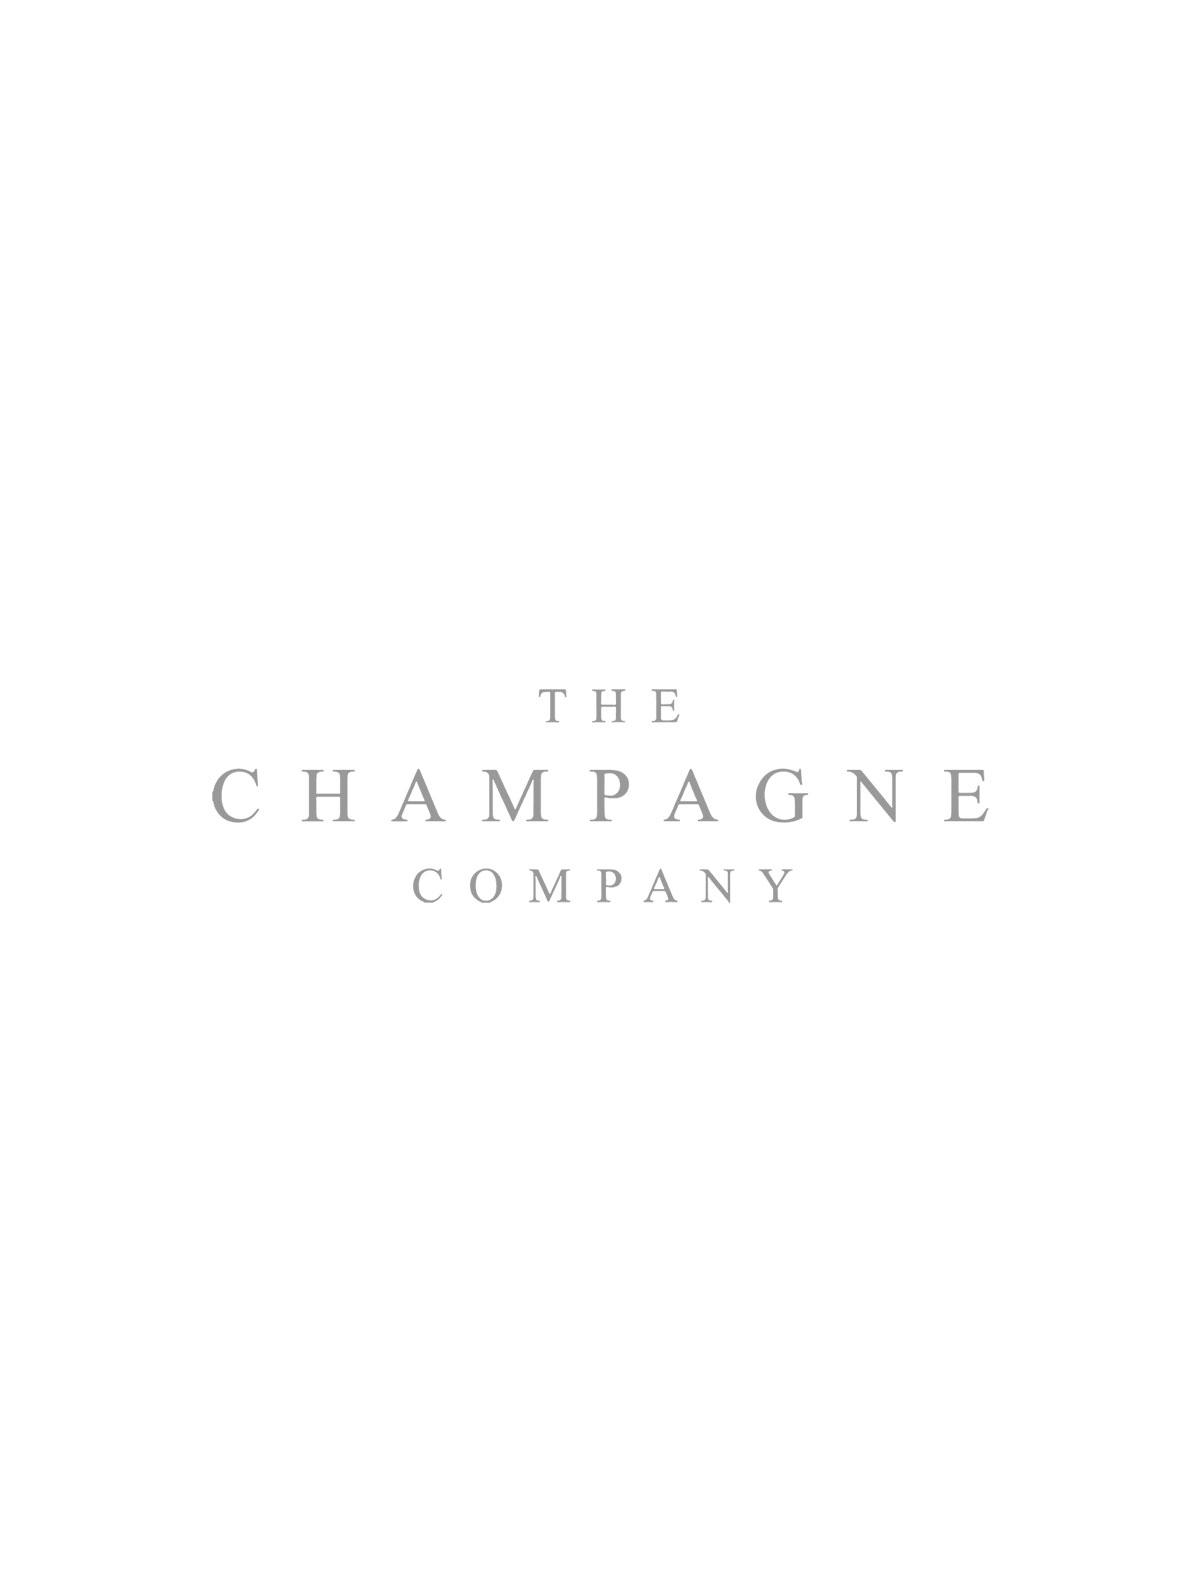 Dom Perignon 1996 Vintage Oenotheque Champagne 75cl